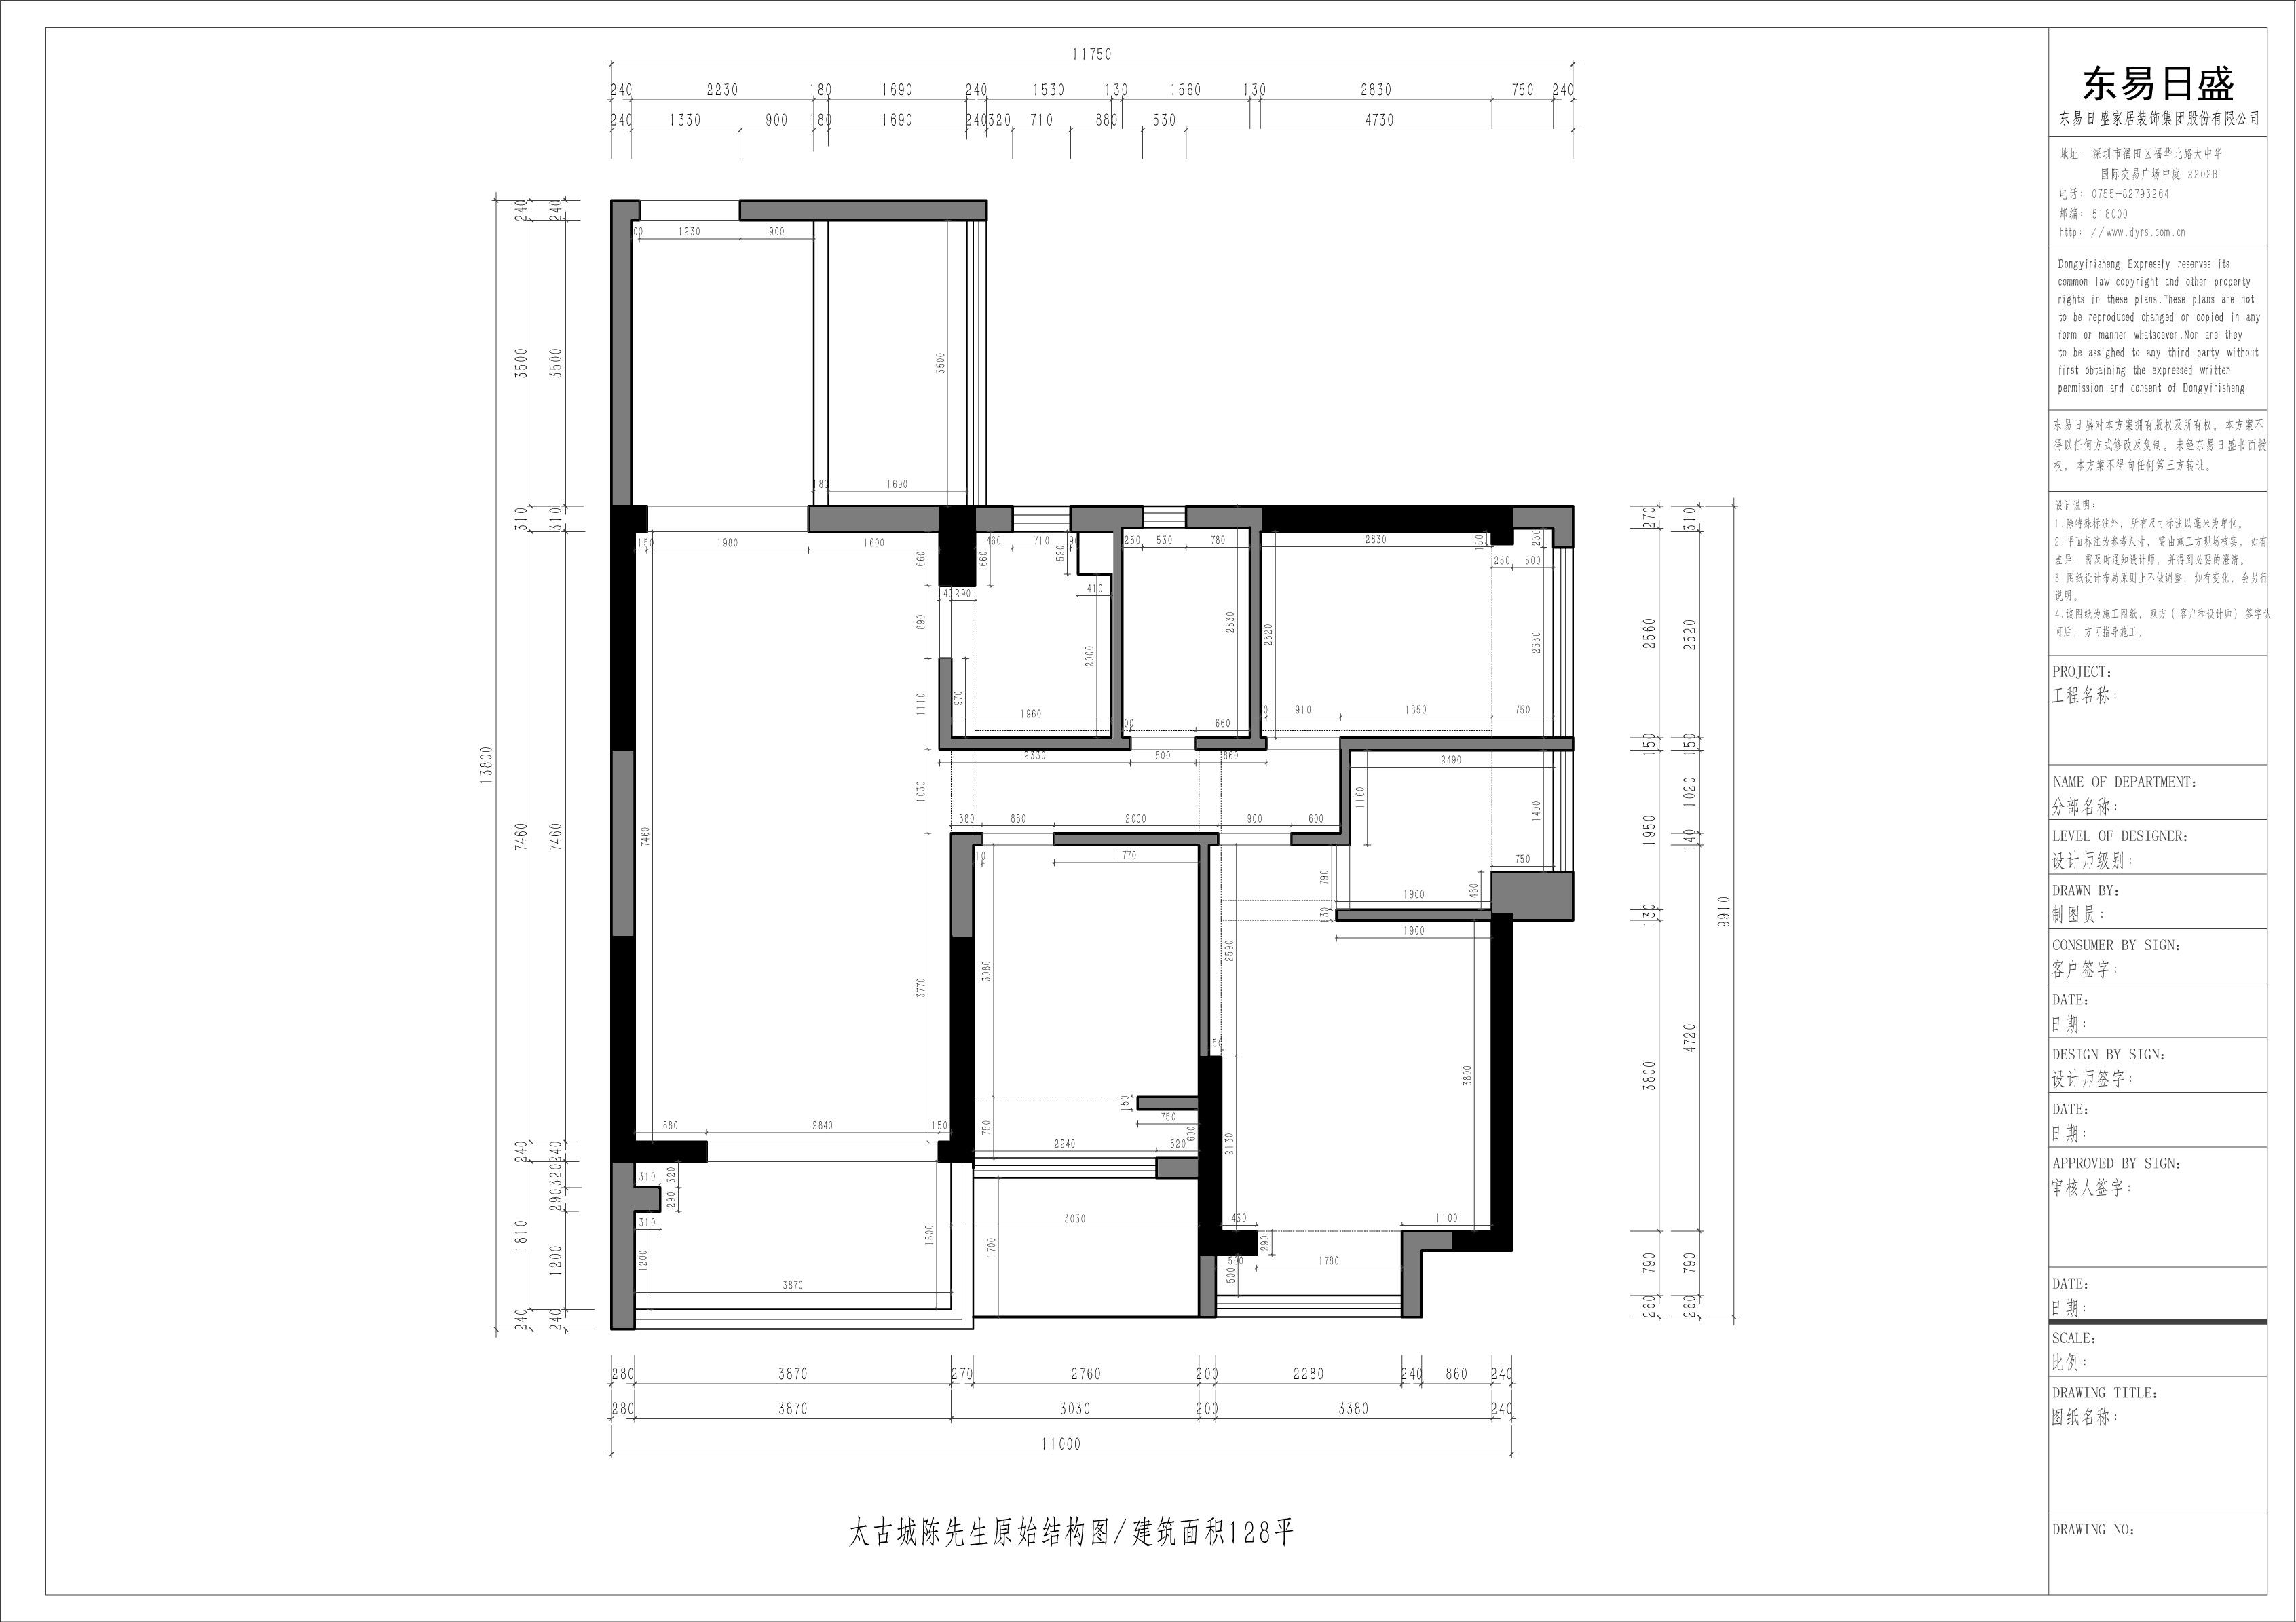 太古城 中式风格装修效果图 110平米三室两厅一厨两卫装修设计理念